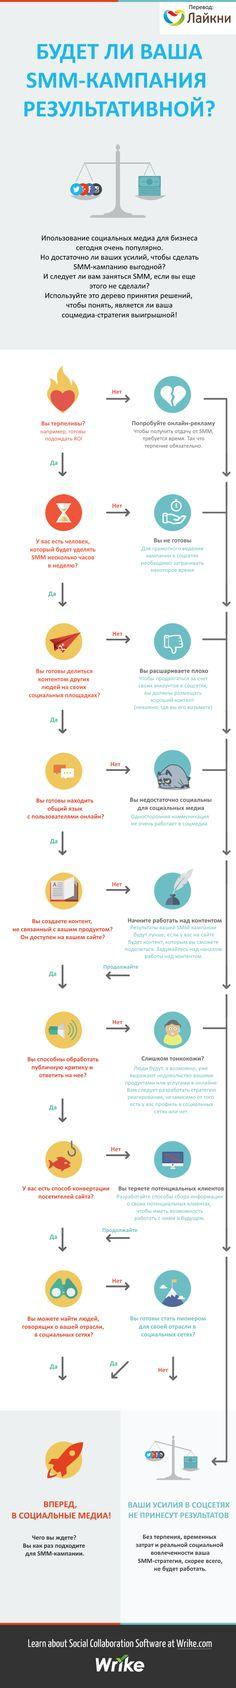 Инфографика. Будет Ли ваша SMM-компания результативной